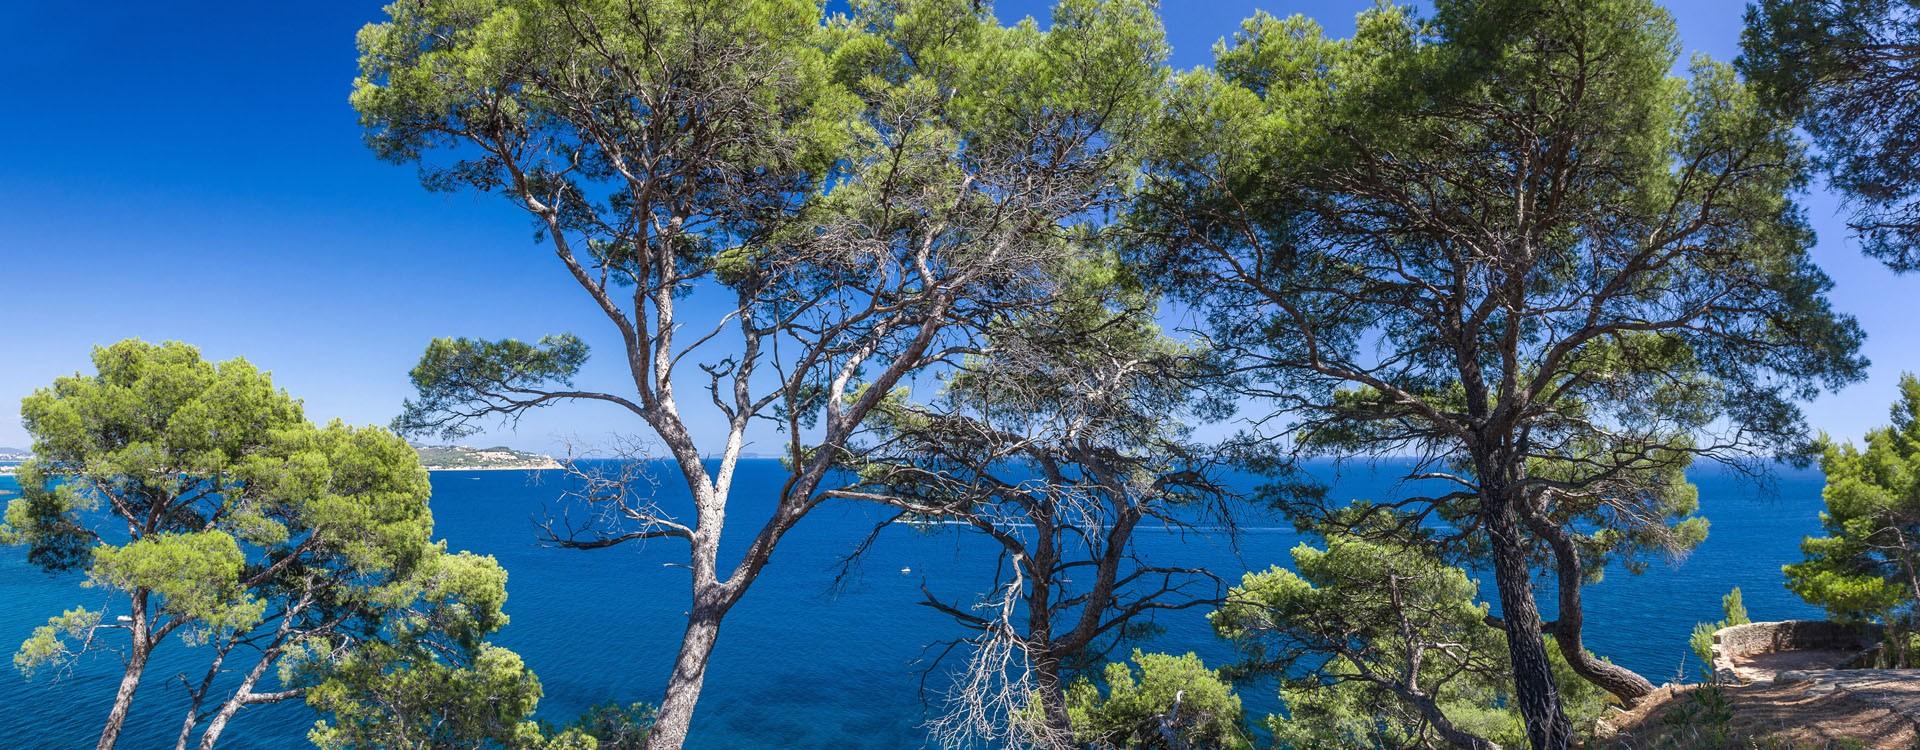 Sentier du littoral - Massif du Cap Sici�